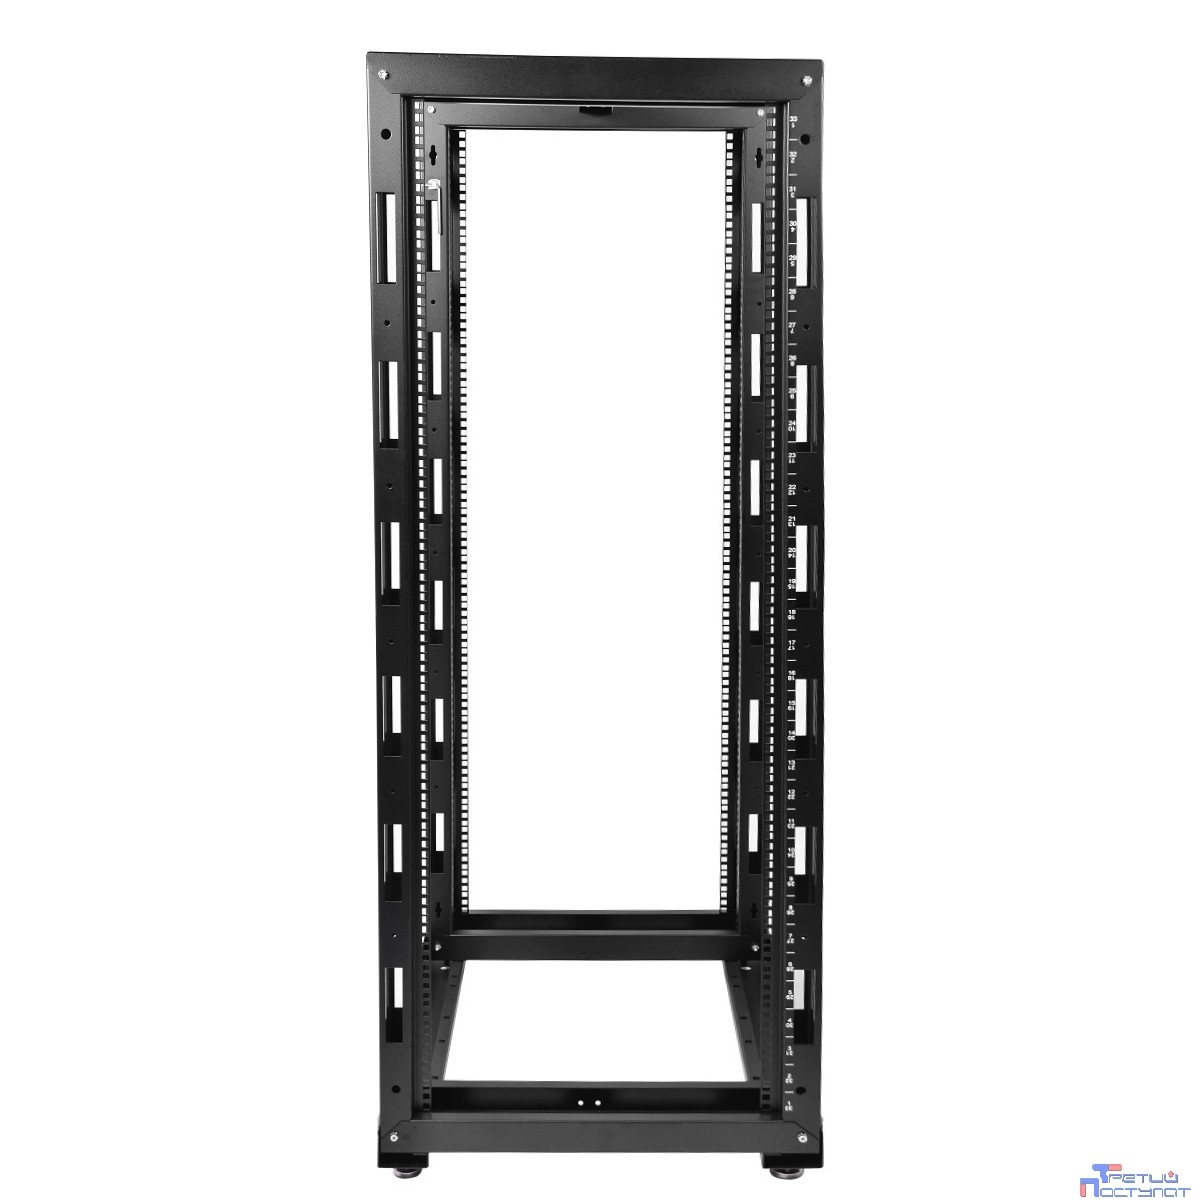 ЦМО! Стойка телеком. универсальная 42U двухрамная,цвет черный (СТК-42.2-9005) (1 коробка)